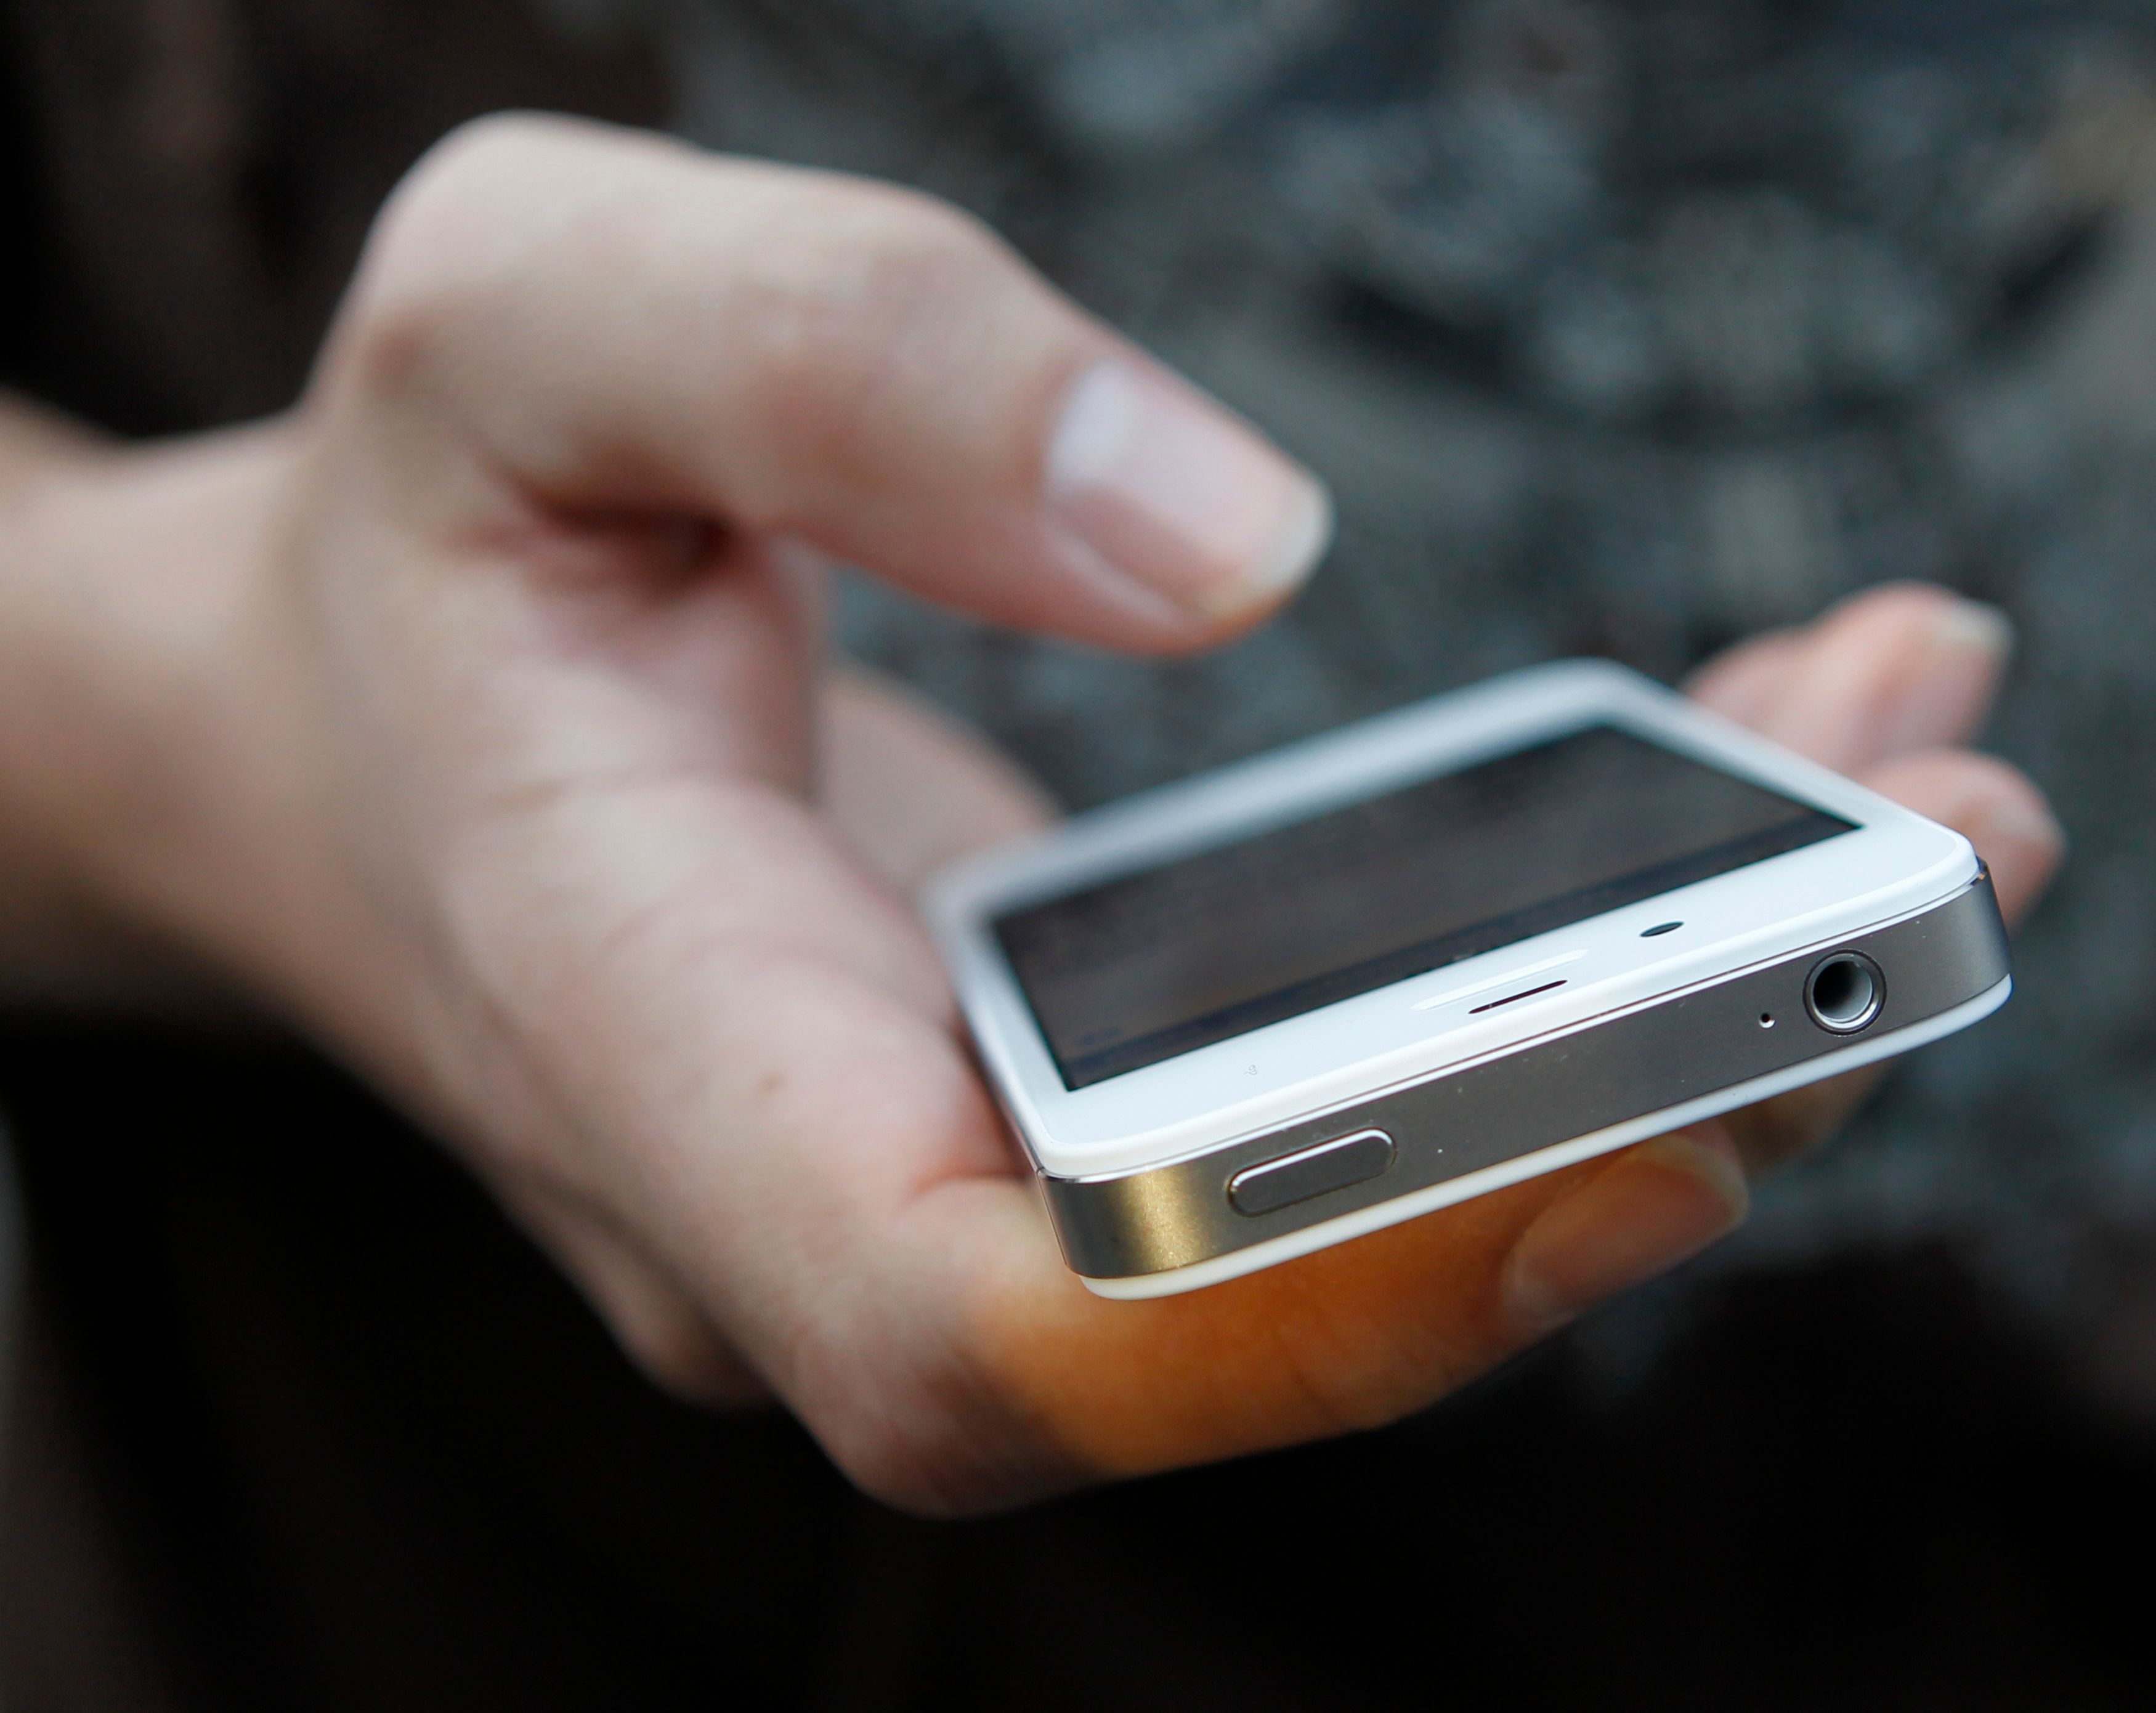 Les Samsung Galaxy et la tablette Surface préférés aux iPhone et iPad